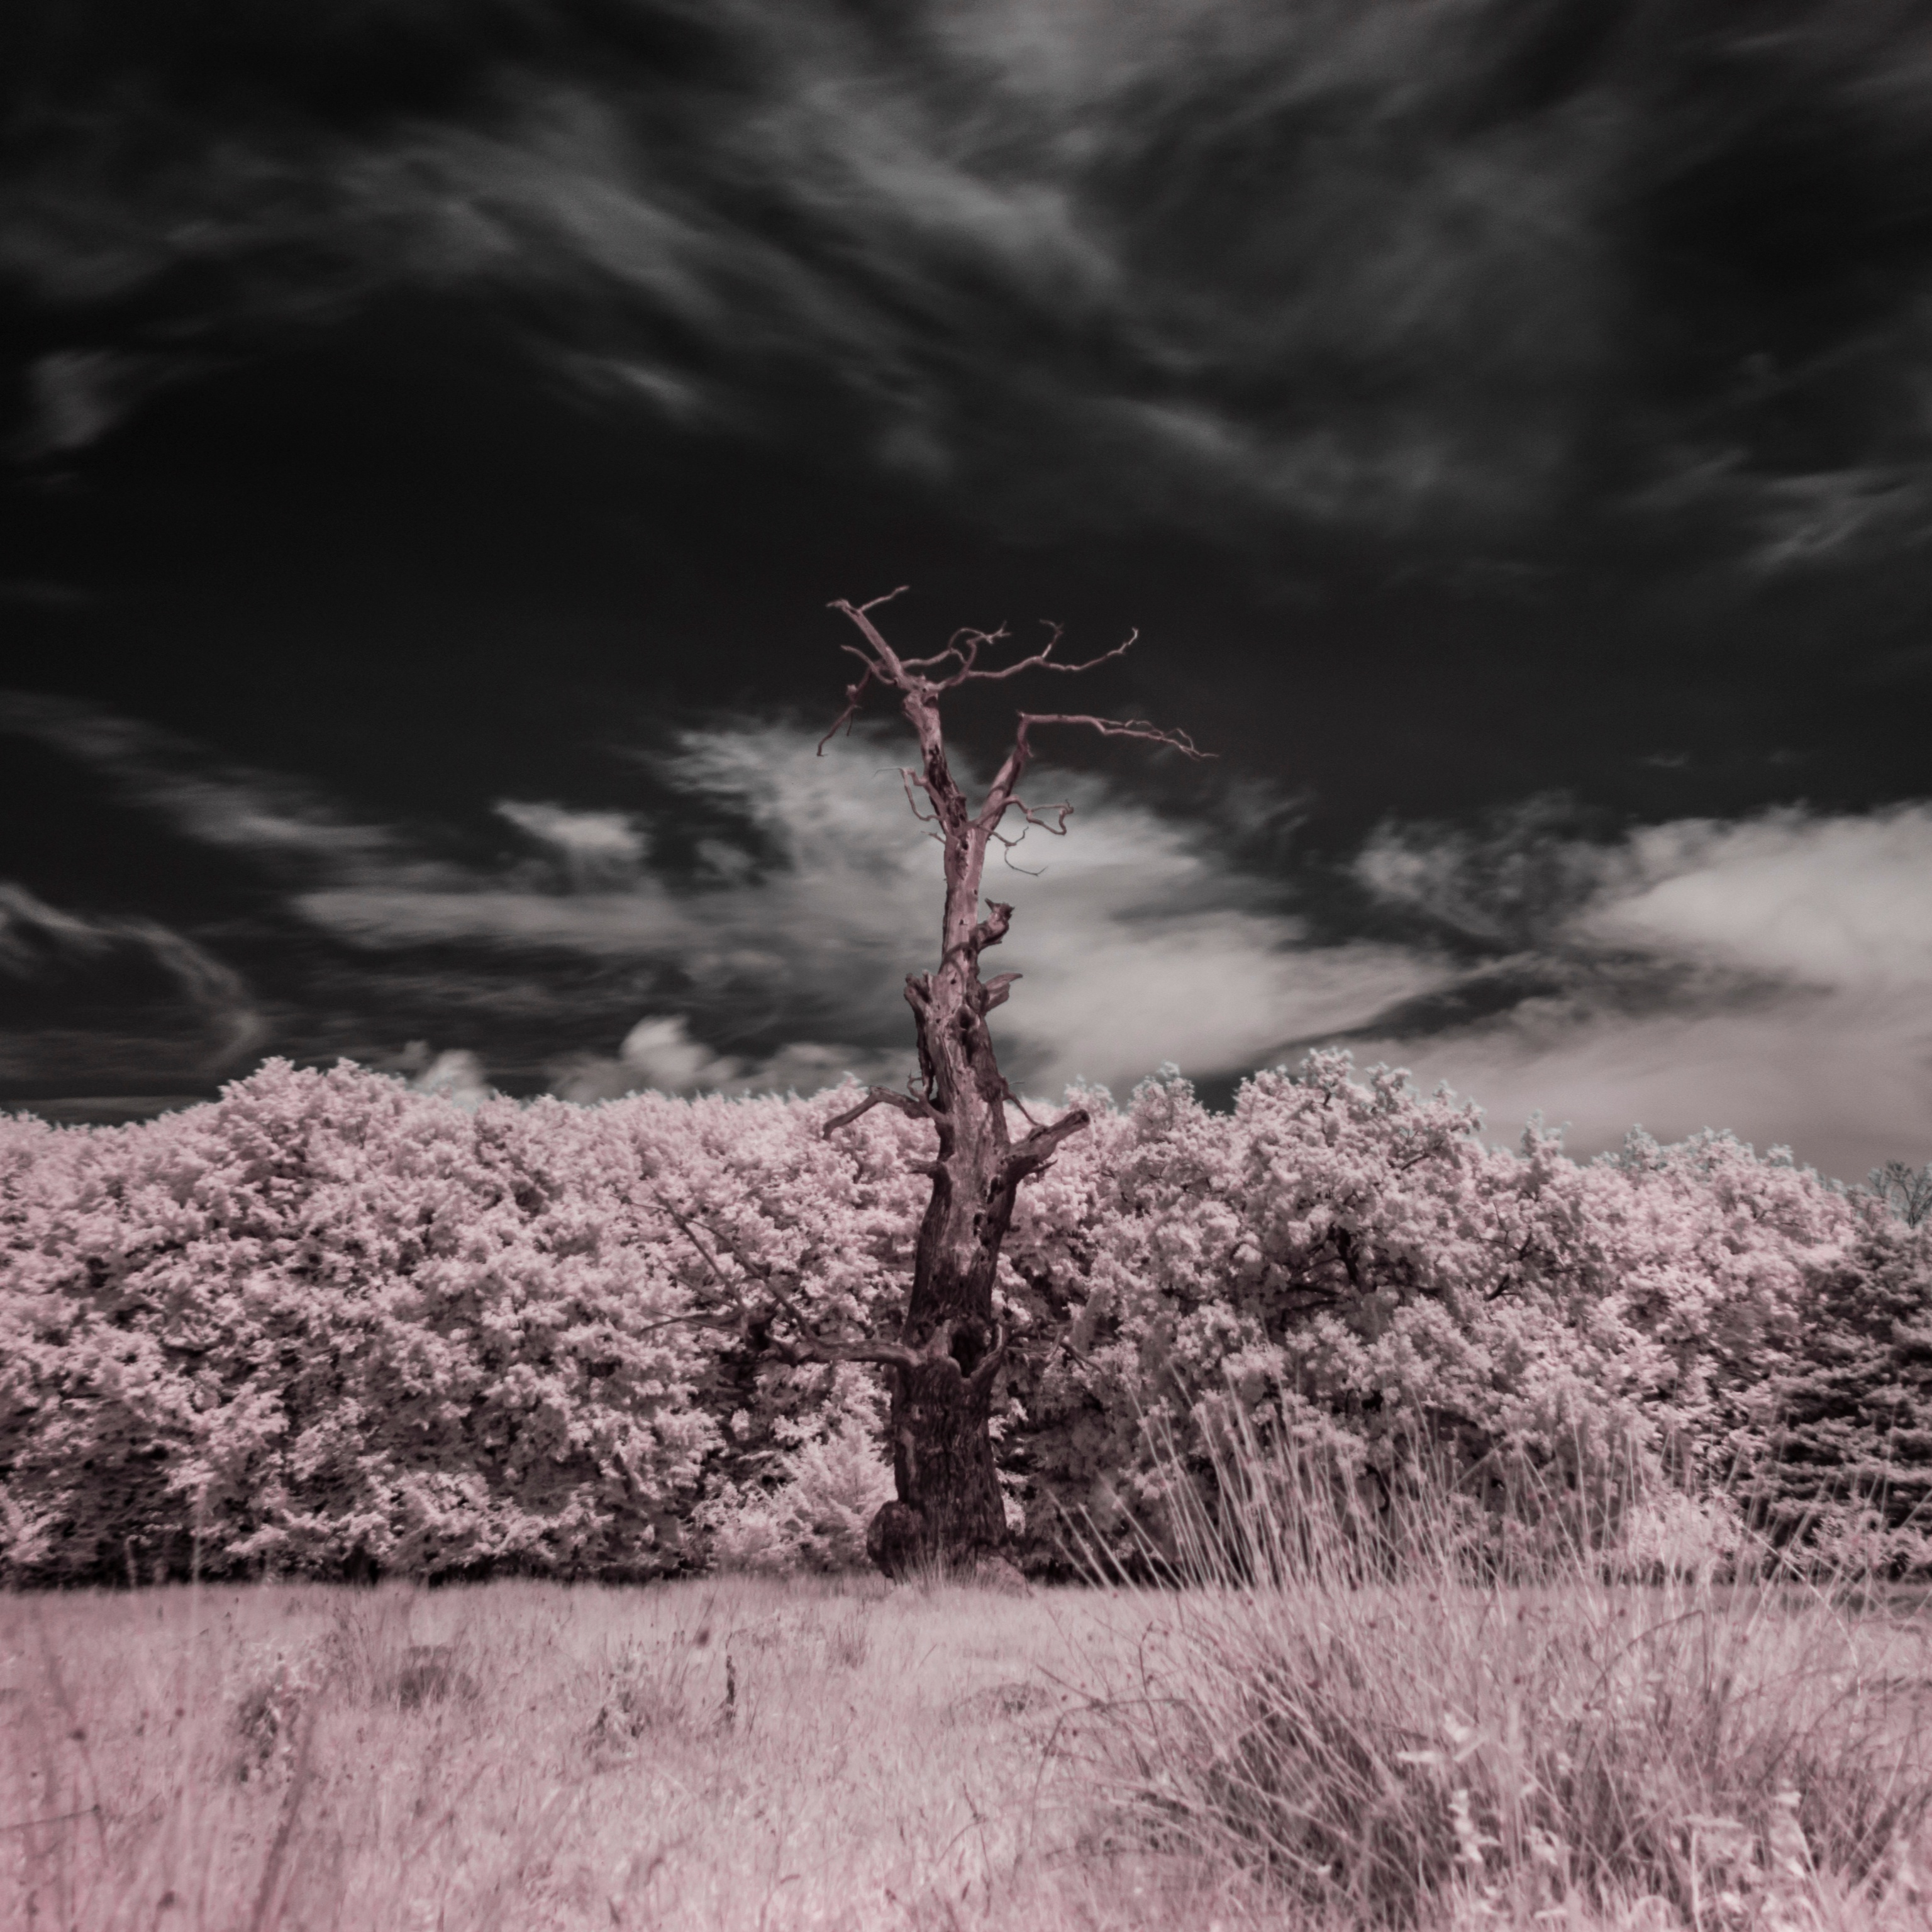 DSC_0197_Snapseed